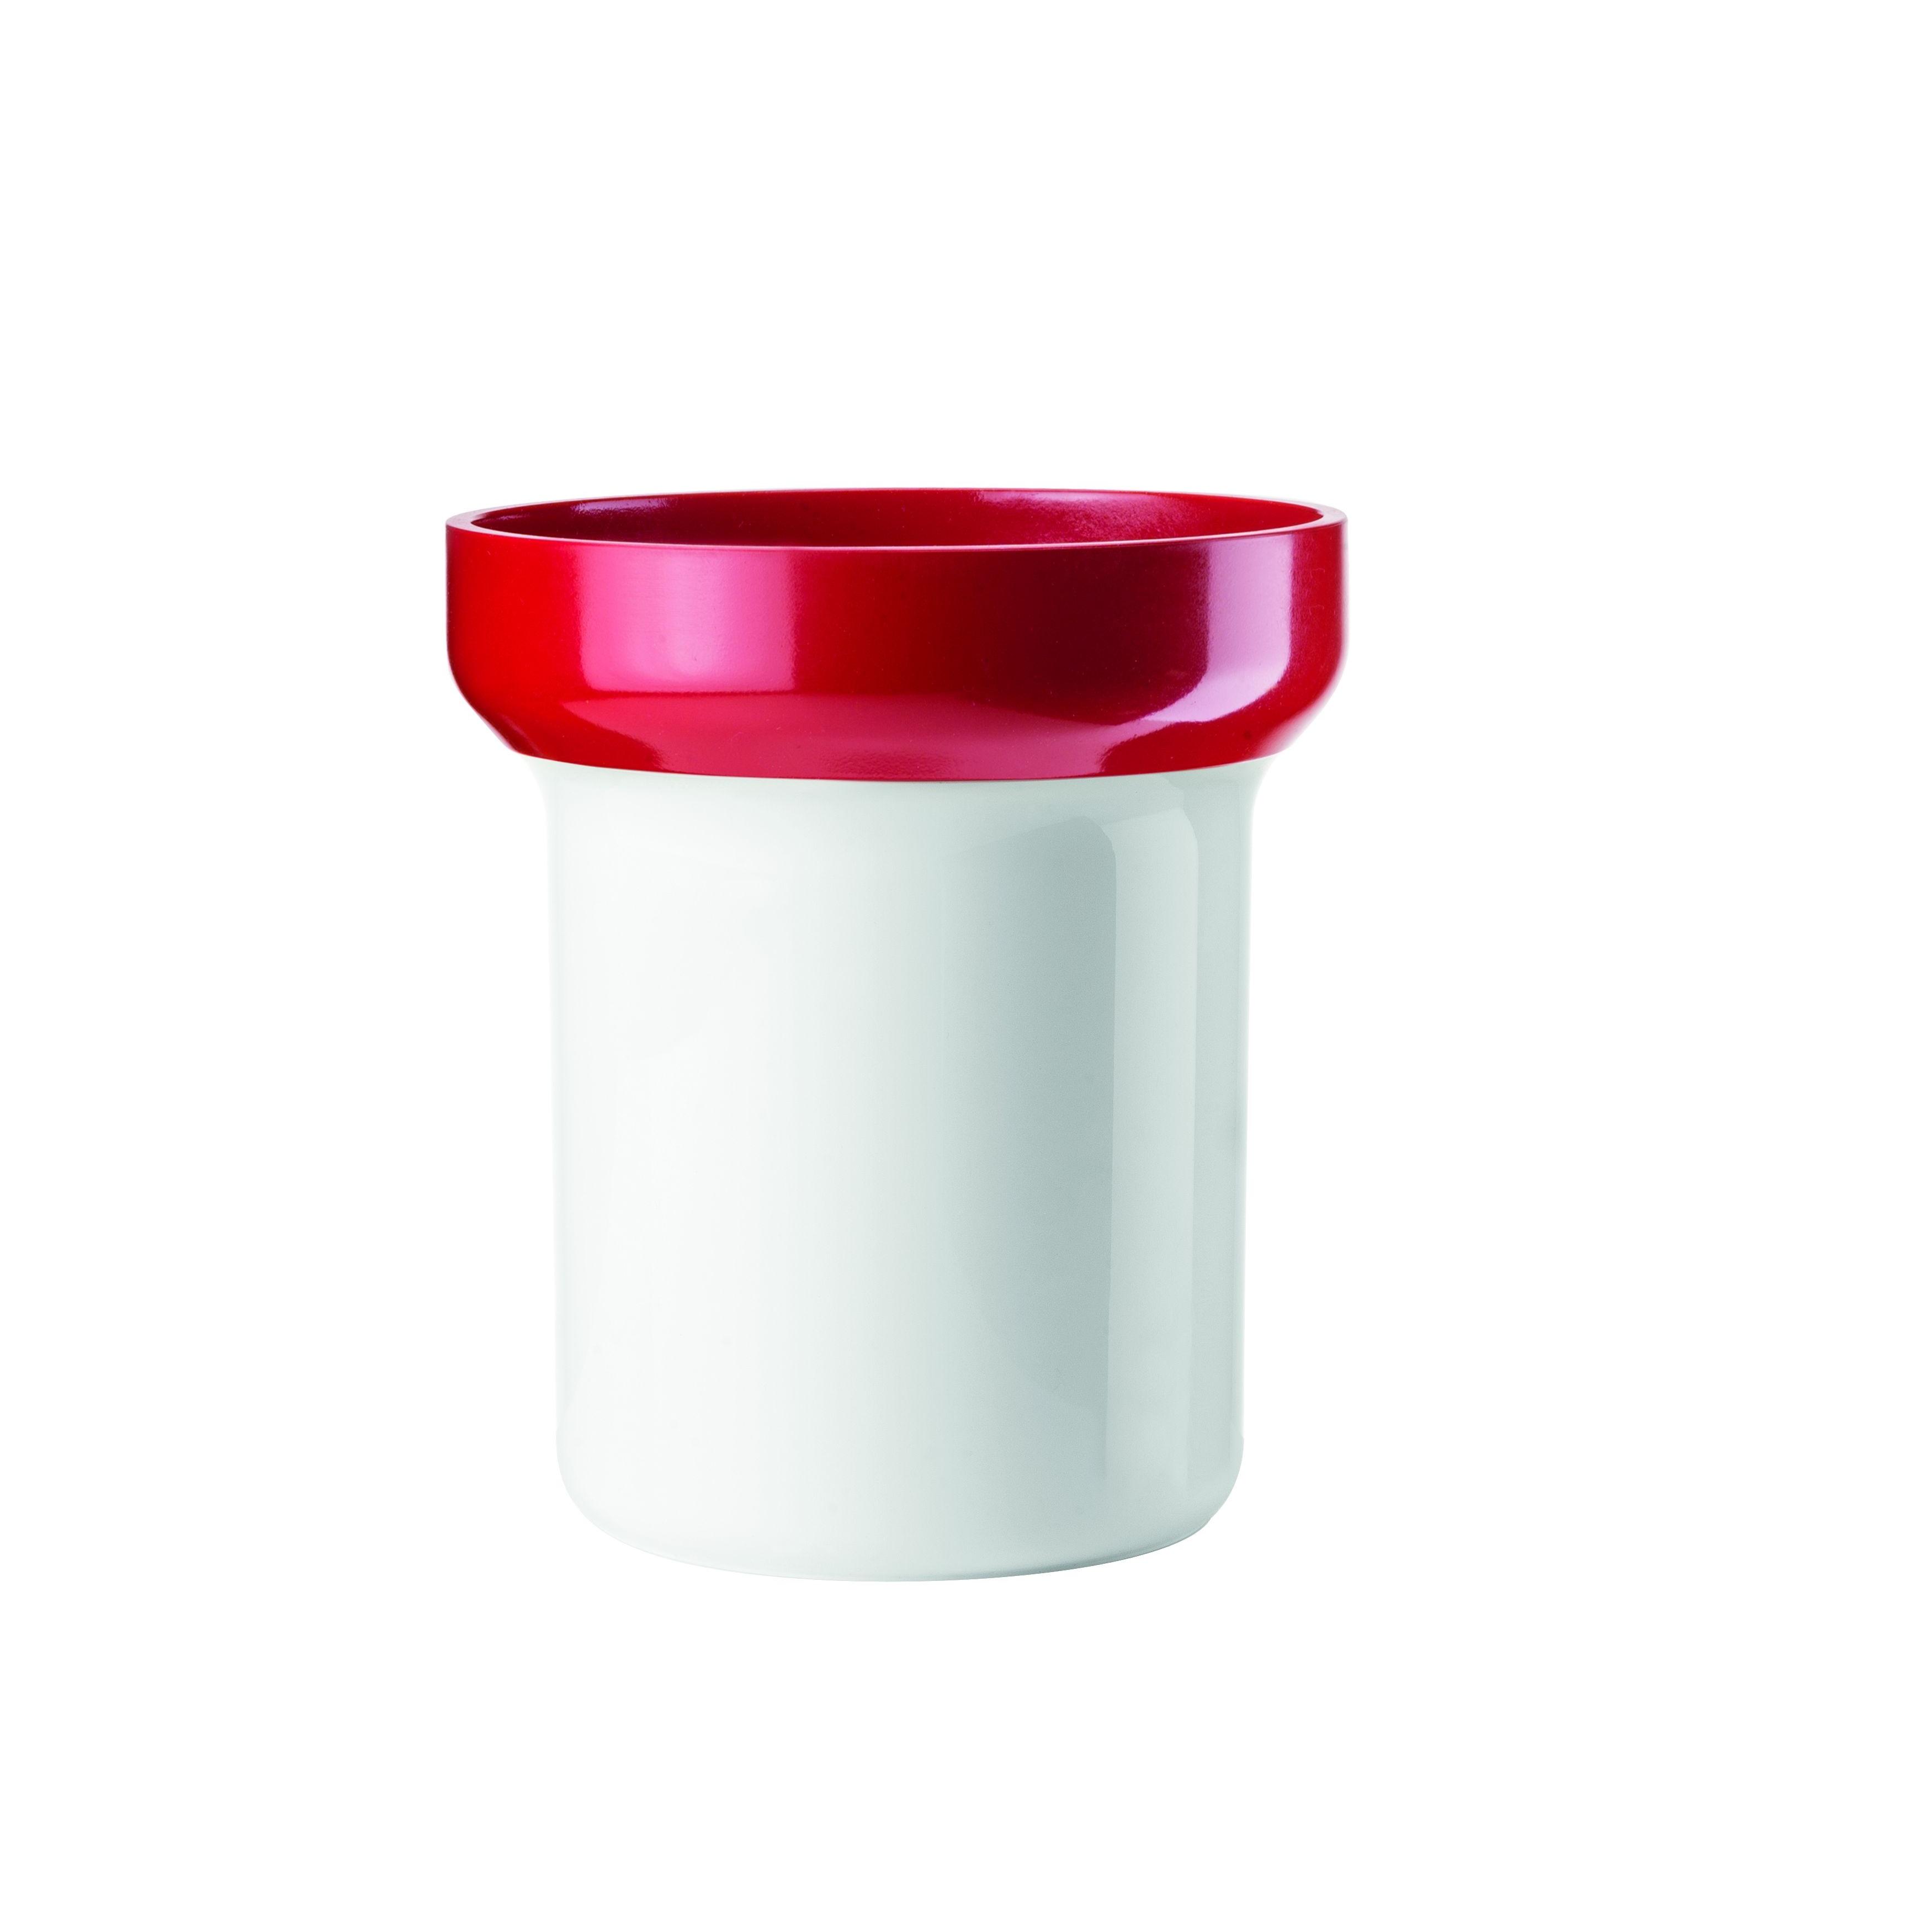 Подставка для столовых приборов MY KITCHENПодставка для столовых приборов Май китчен, выполненная из прочного и экологически безопасного пластика, - незаменимая вещь для хранения вилок, ложек и ножей. Изделие выполнено в современном стильном дизайне и органично впишется в любой кухонный интерьер. Подставка Май китчен не занимает много места на столе, неприхотлива в уходе и допускает очищение в посудомоечной машине. Изделие произведено в Италии.<br>